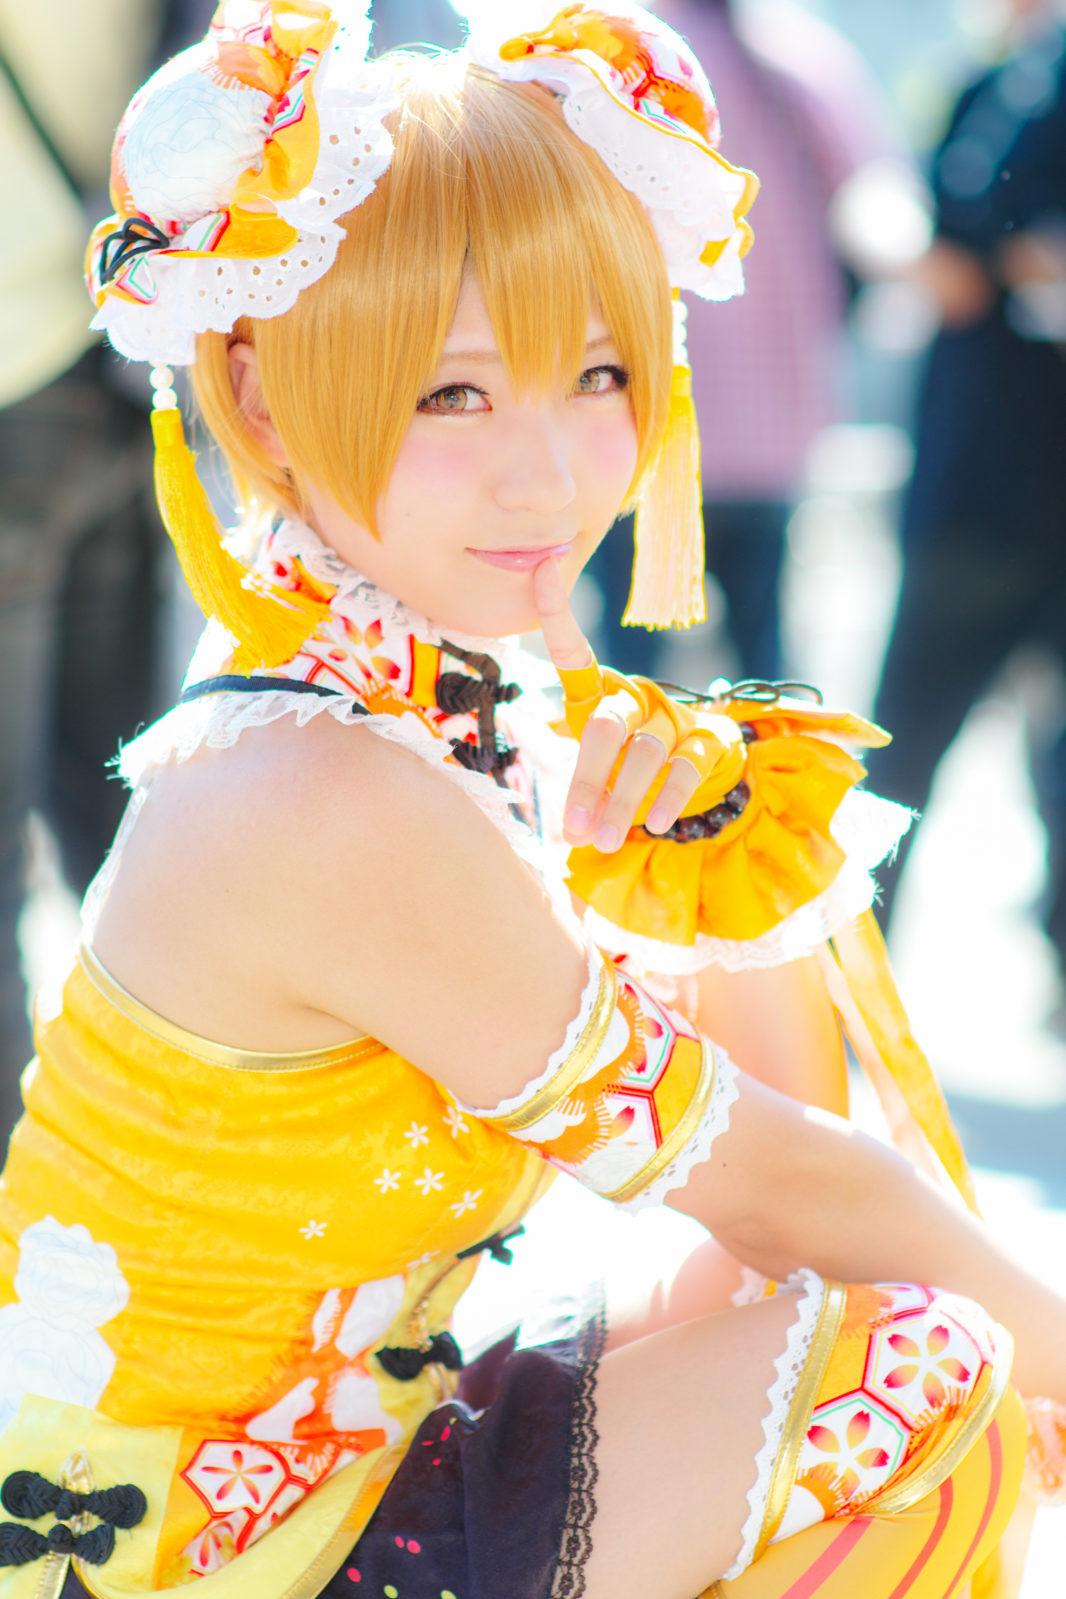 黒子ききさん@東京ゲームショウ2015 | PENTAX K-5IIs&FA★85mm&AF540FGZ